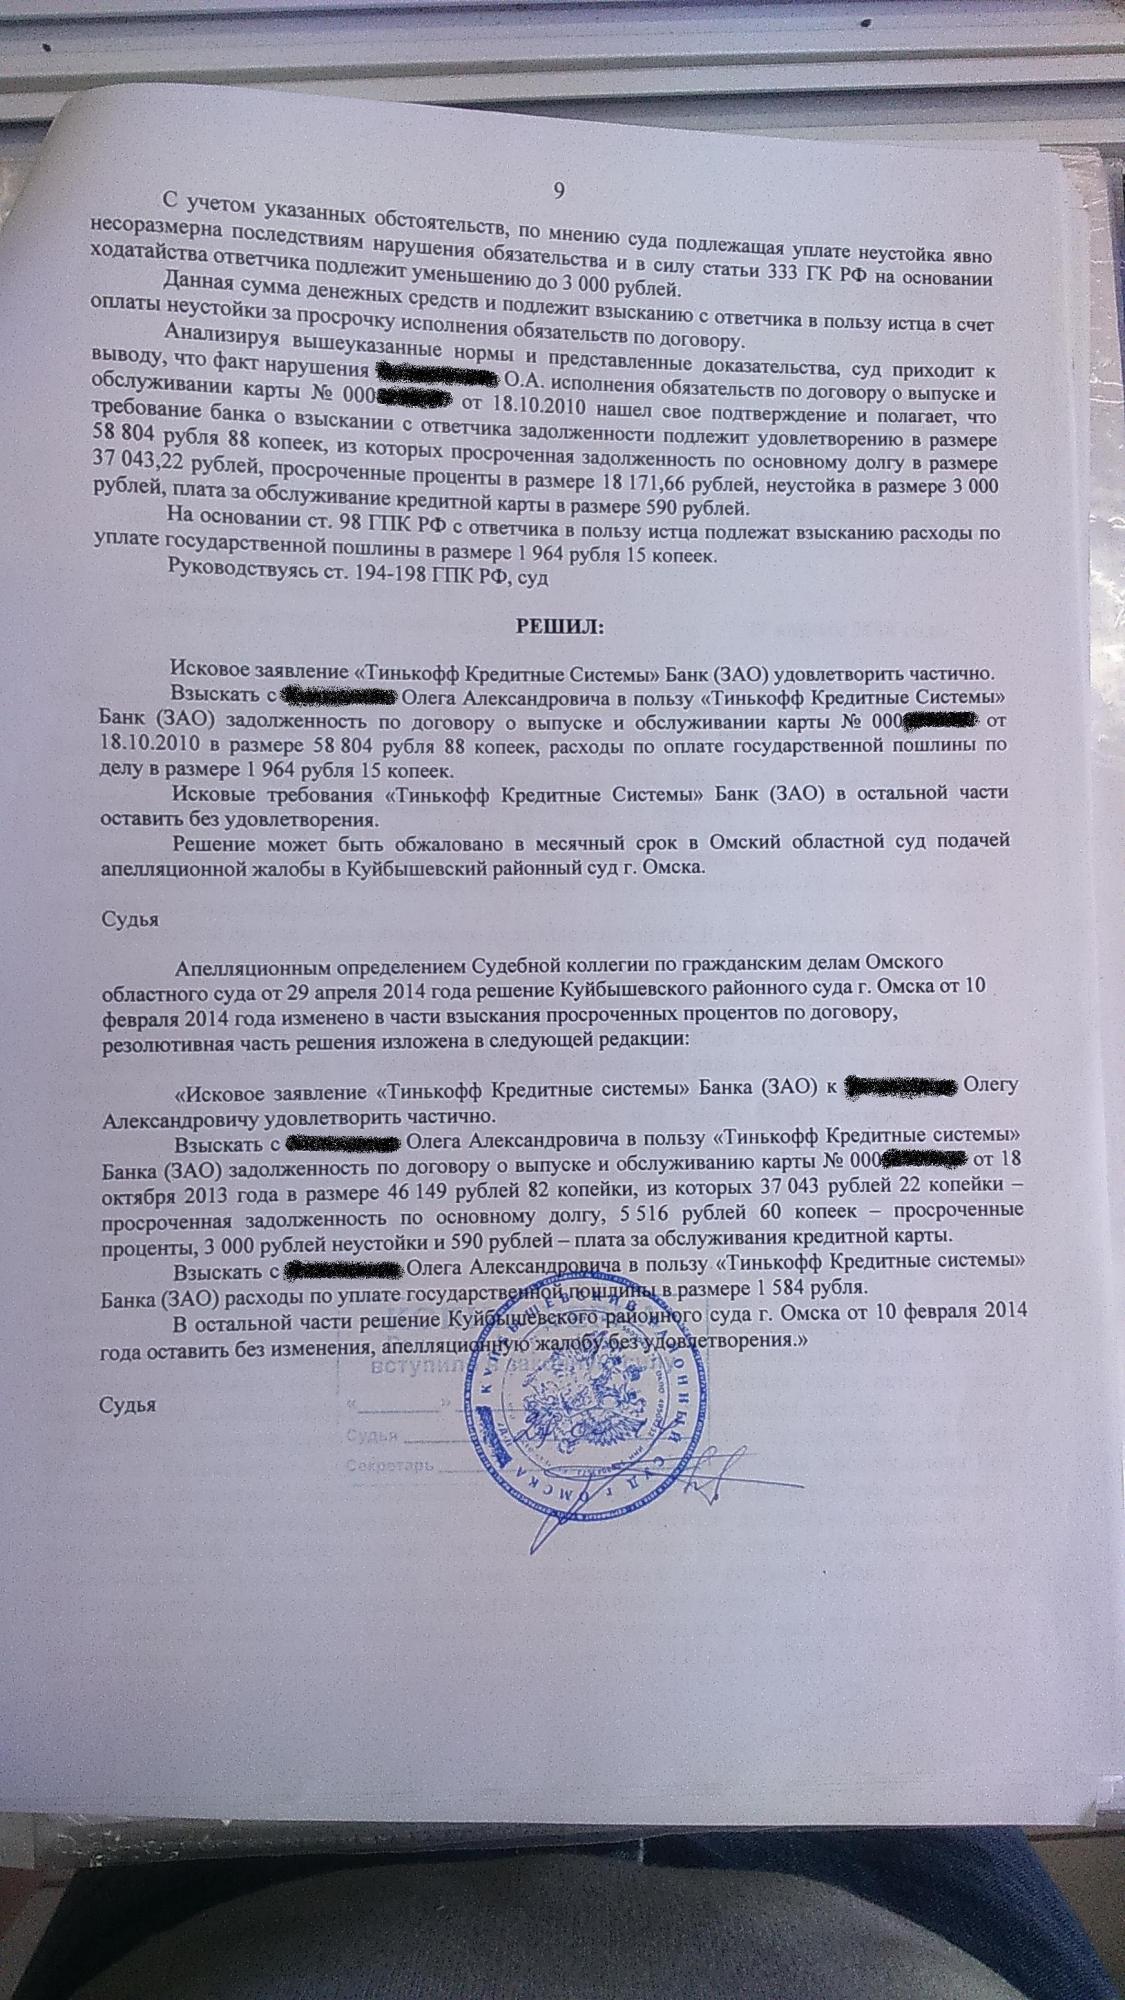 термобелье апелляционная жалоба омский областной суд остаются